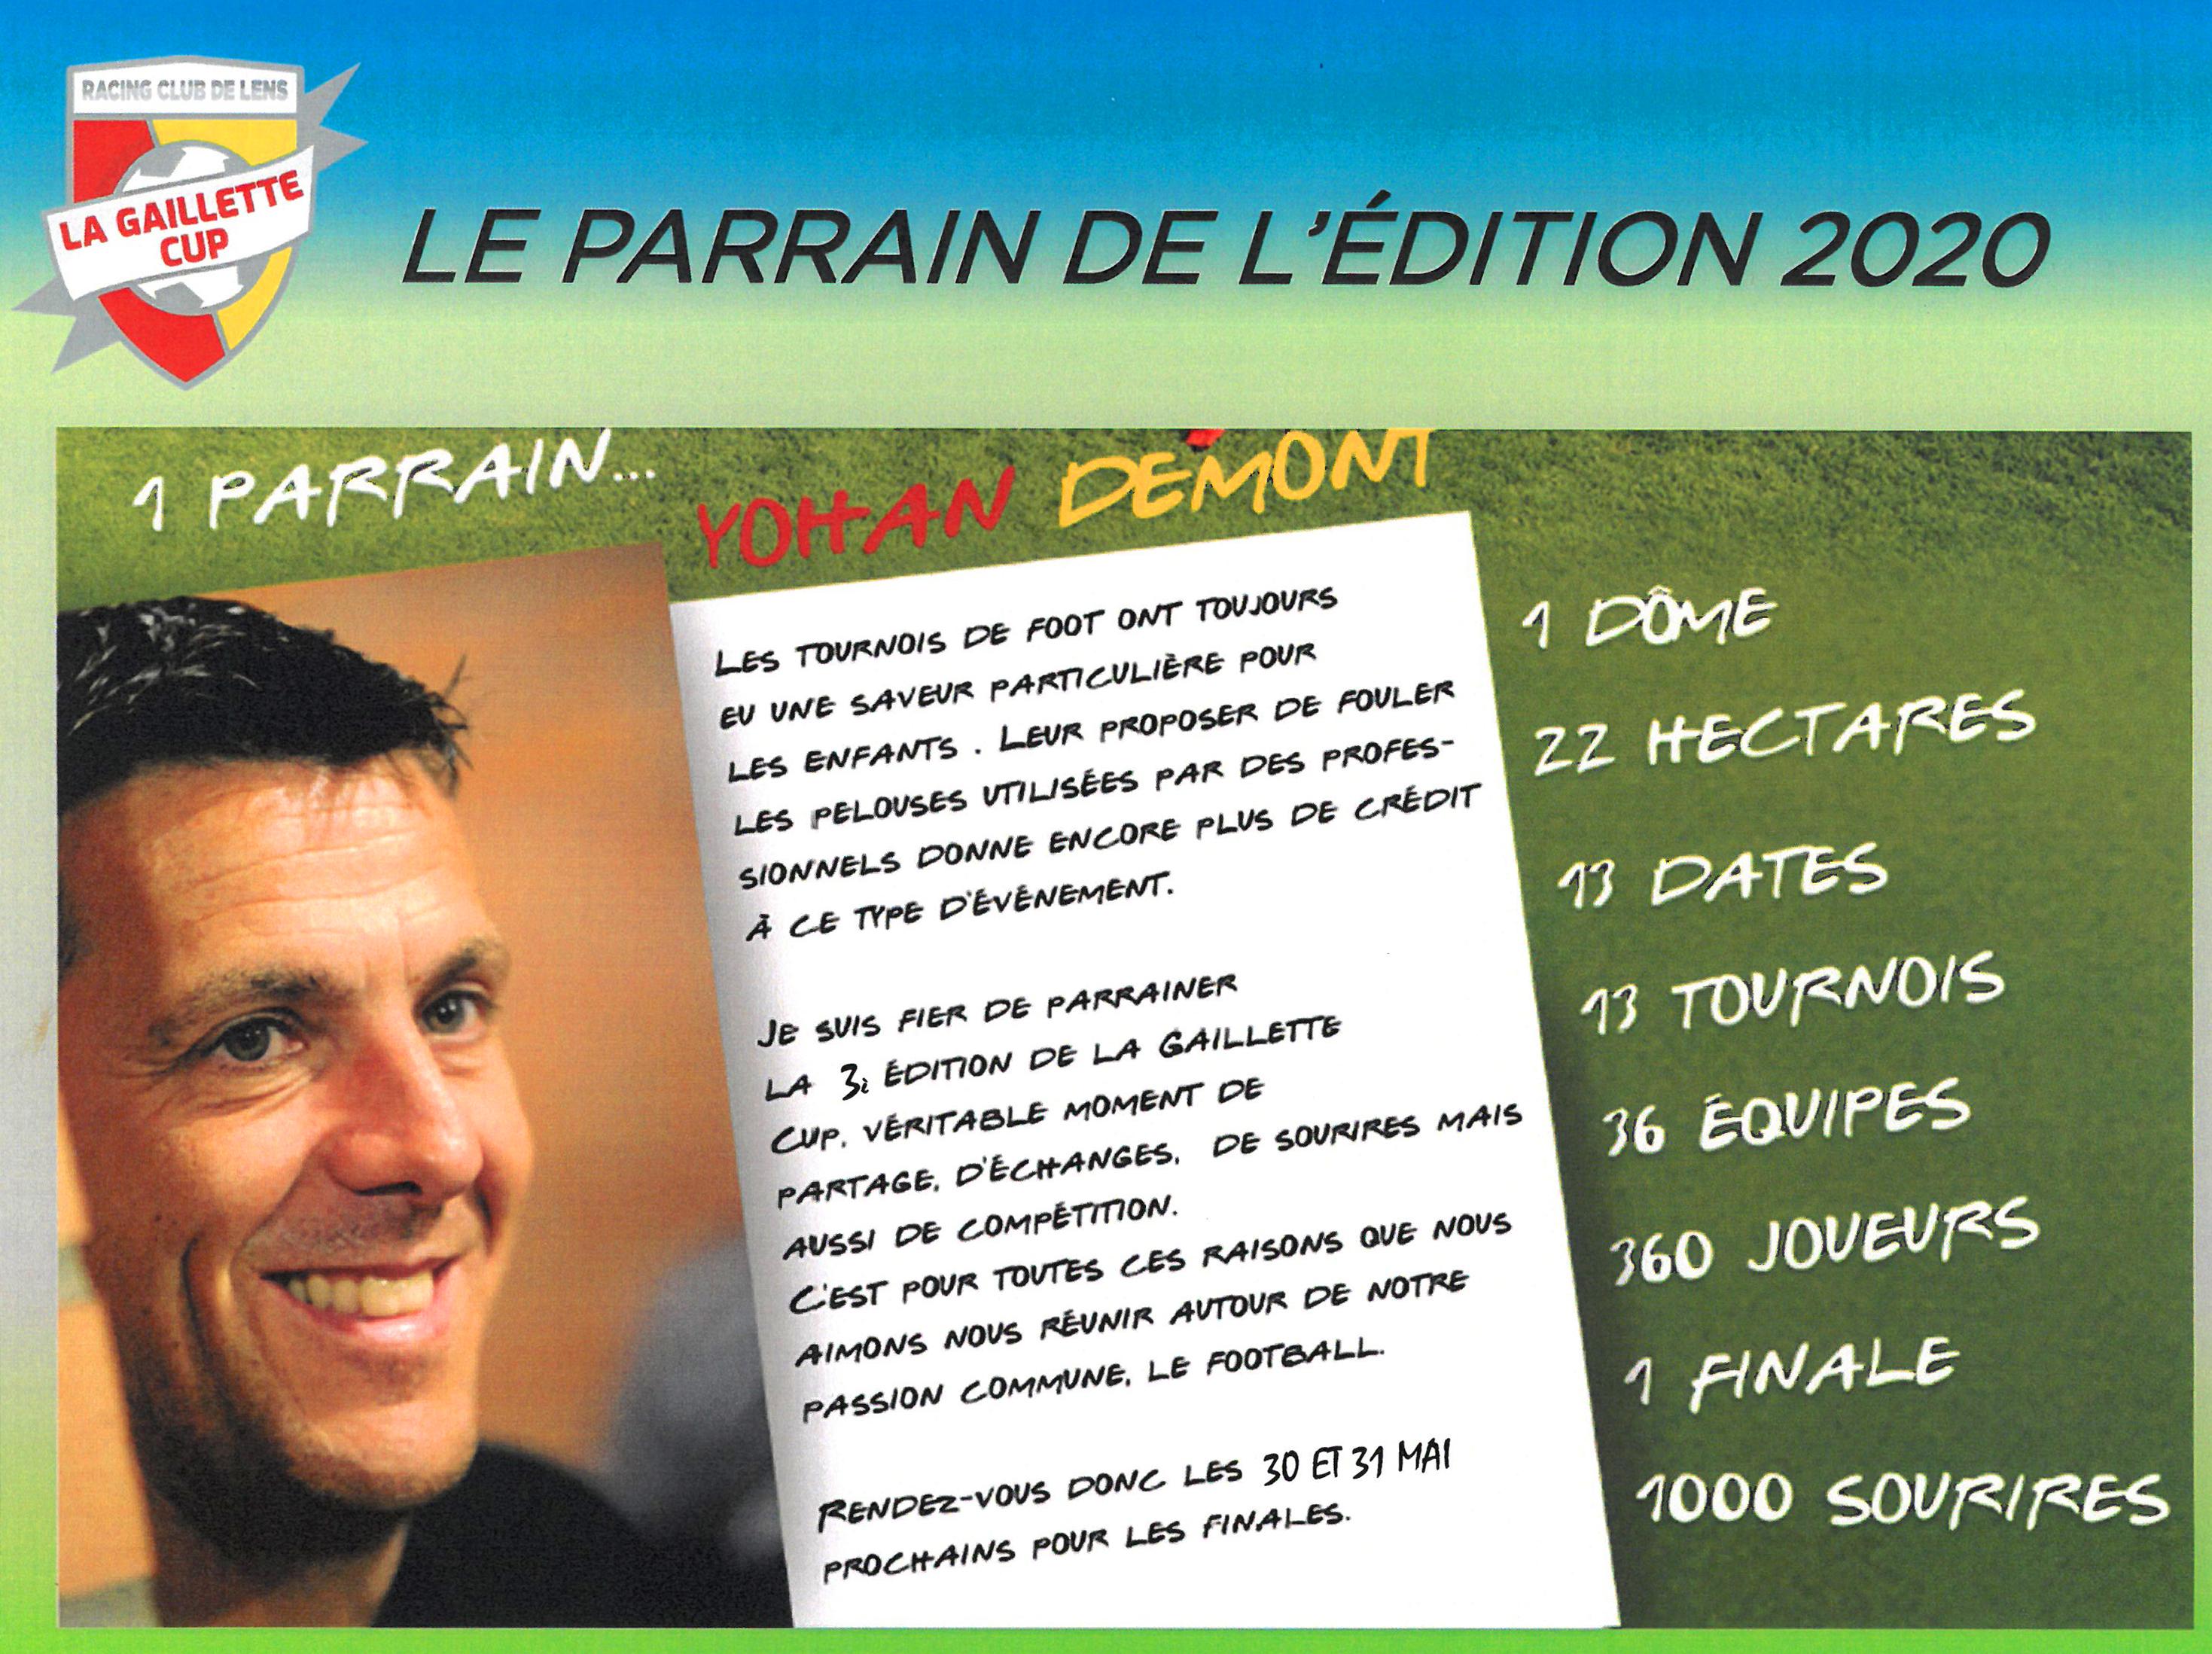 La Gaillette Cup 2020 rclens parrain Yohan Démont